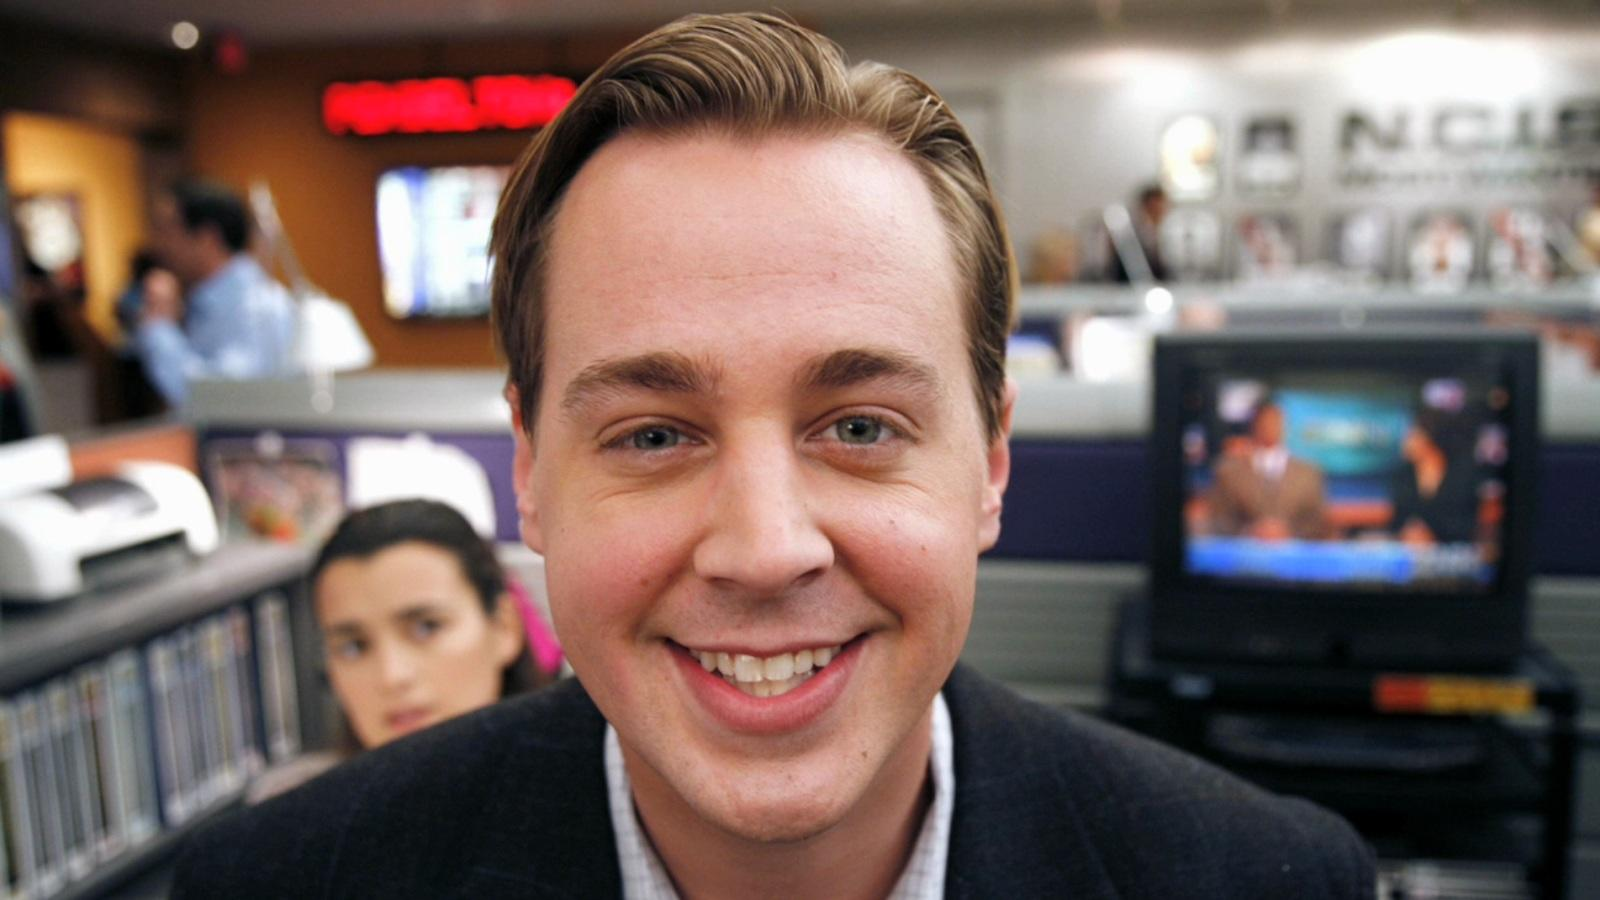 McGee randira megy, és partneréről kiderül, hogy vagy nagyon fura, vagy gyilkos... (CBS)